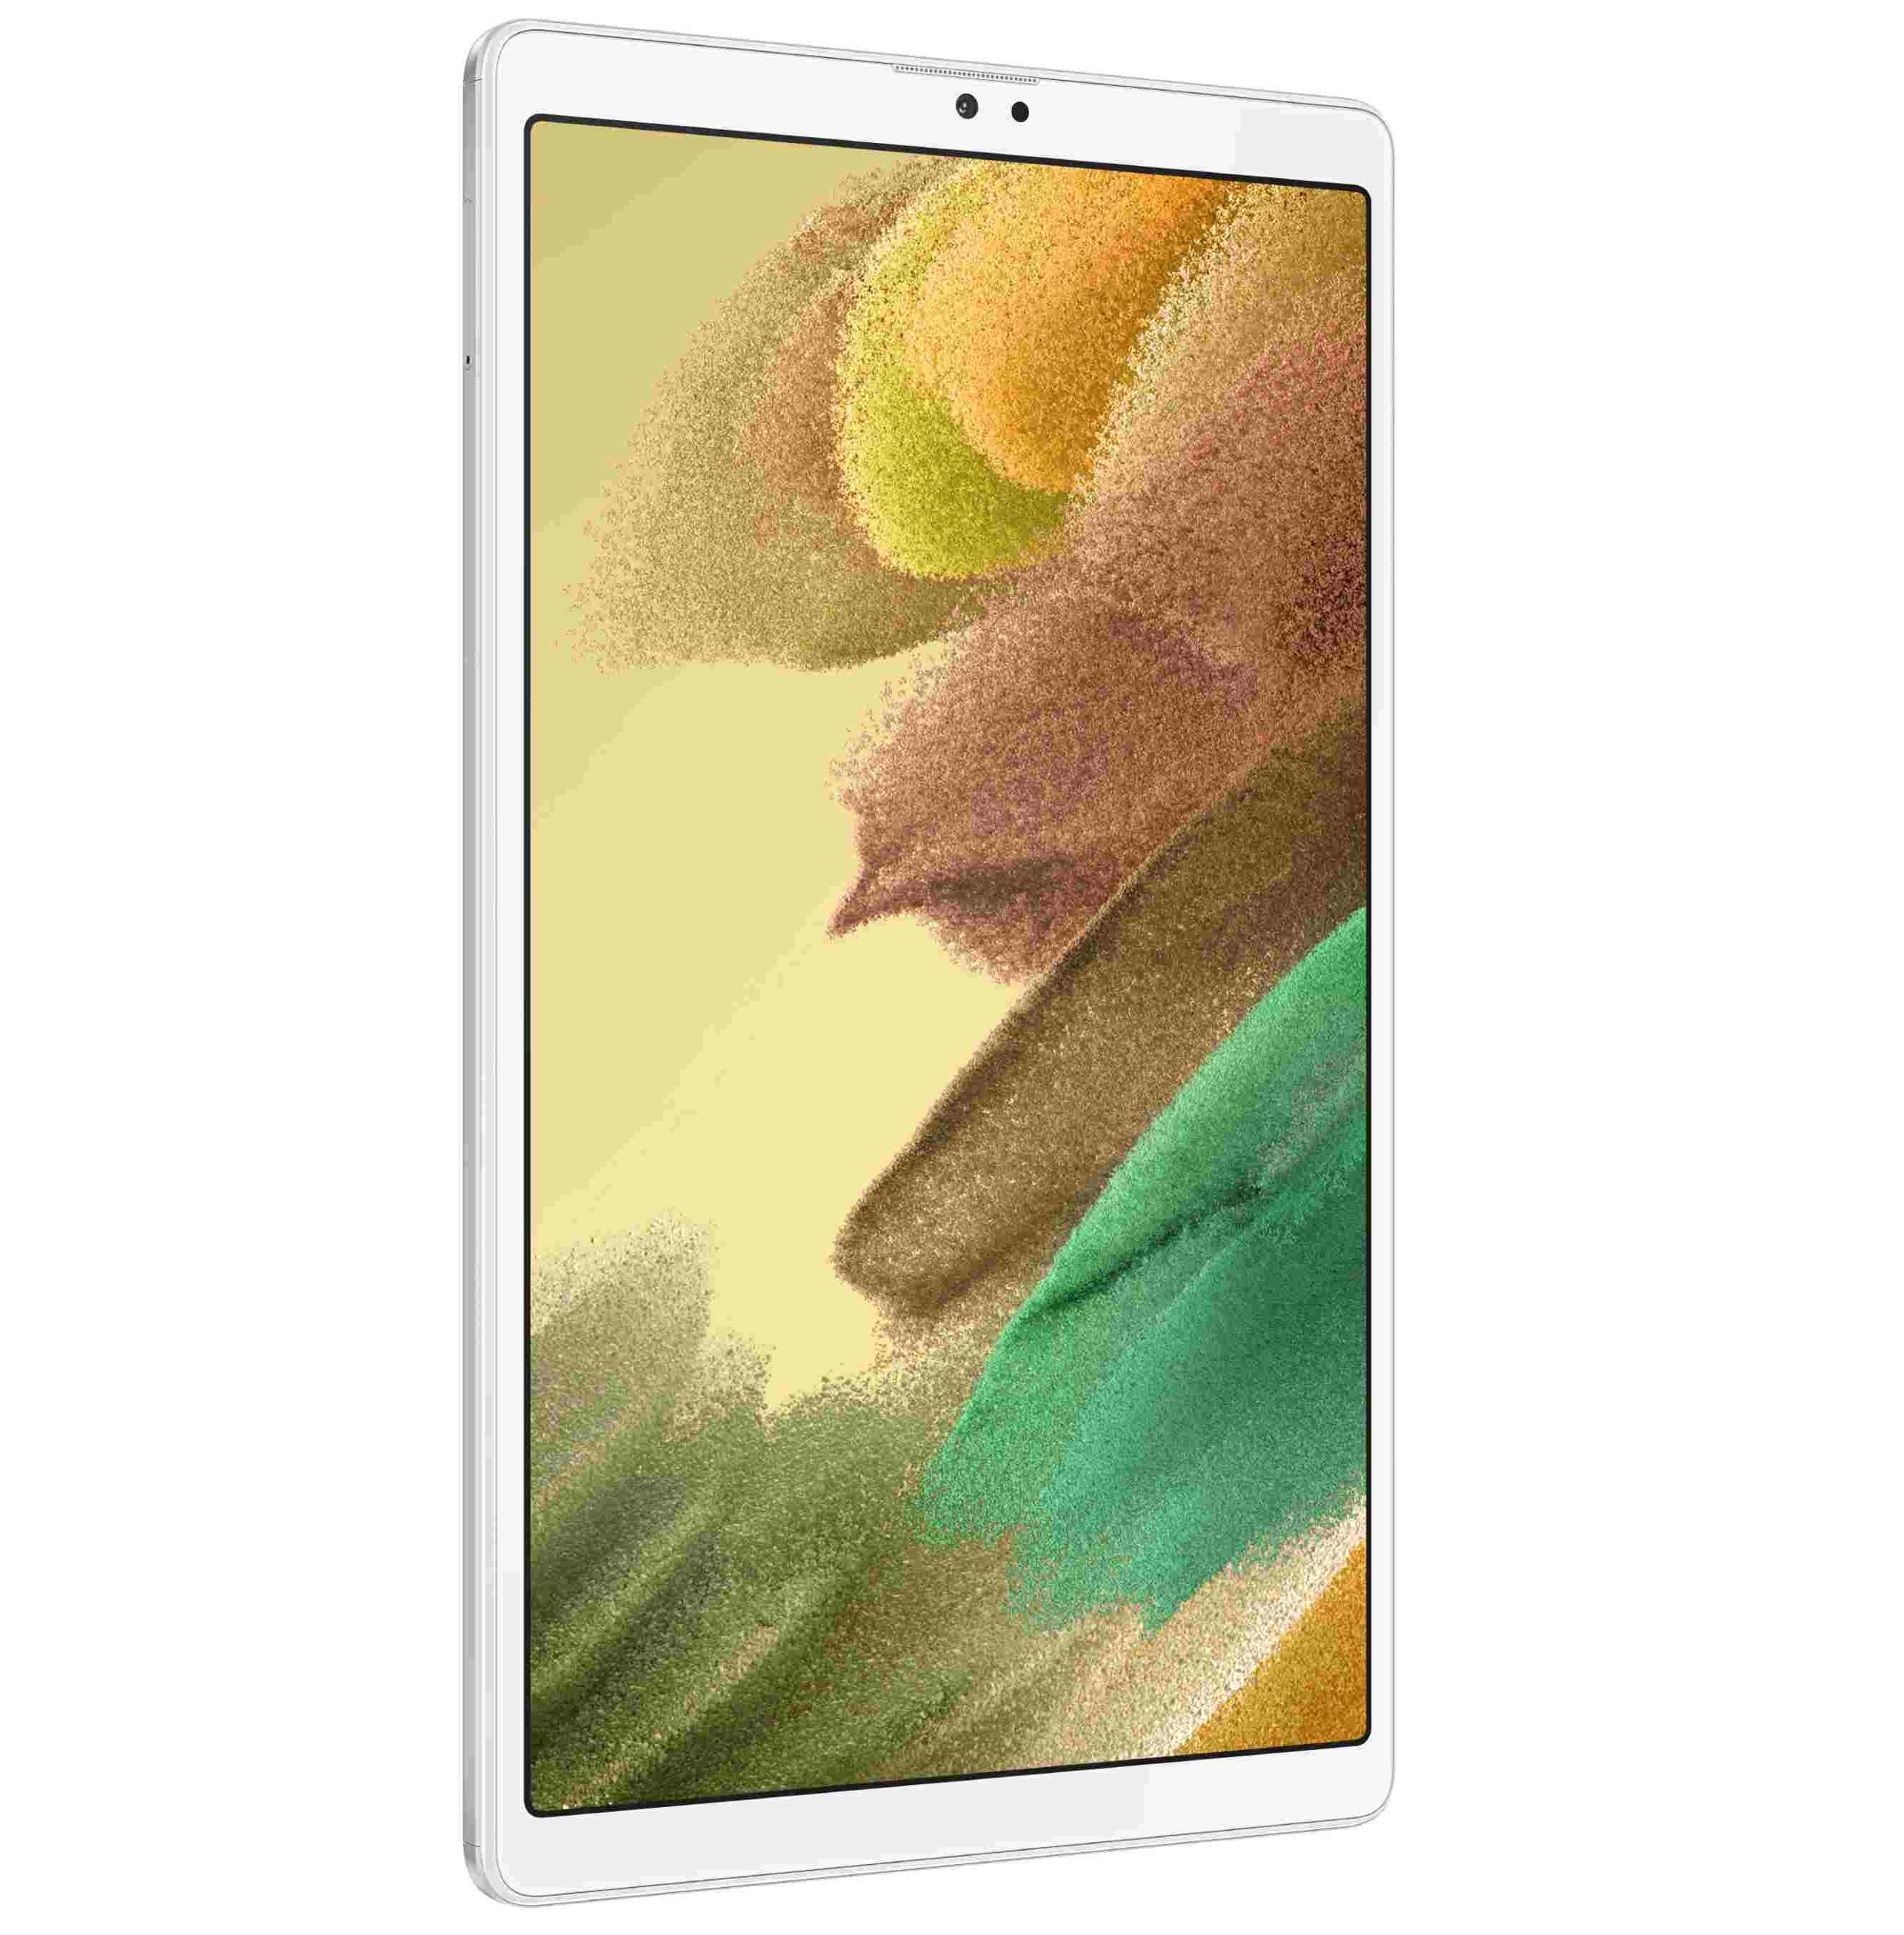 Galaxy Tab A7 Lite LTE Ram 3GB 32GB Memory-SM-T225NZSLMEAW-AA